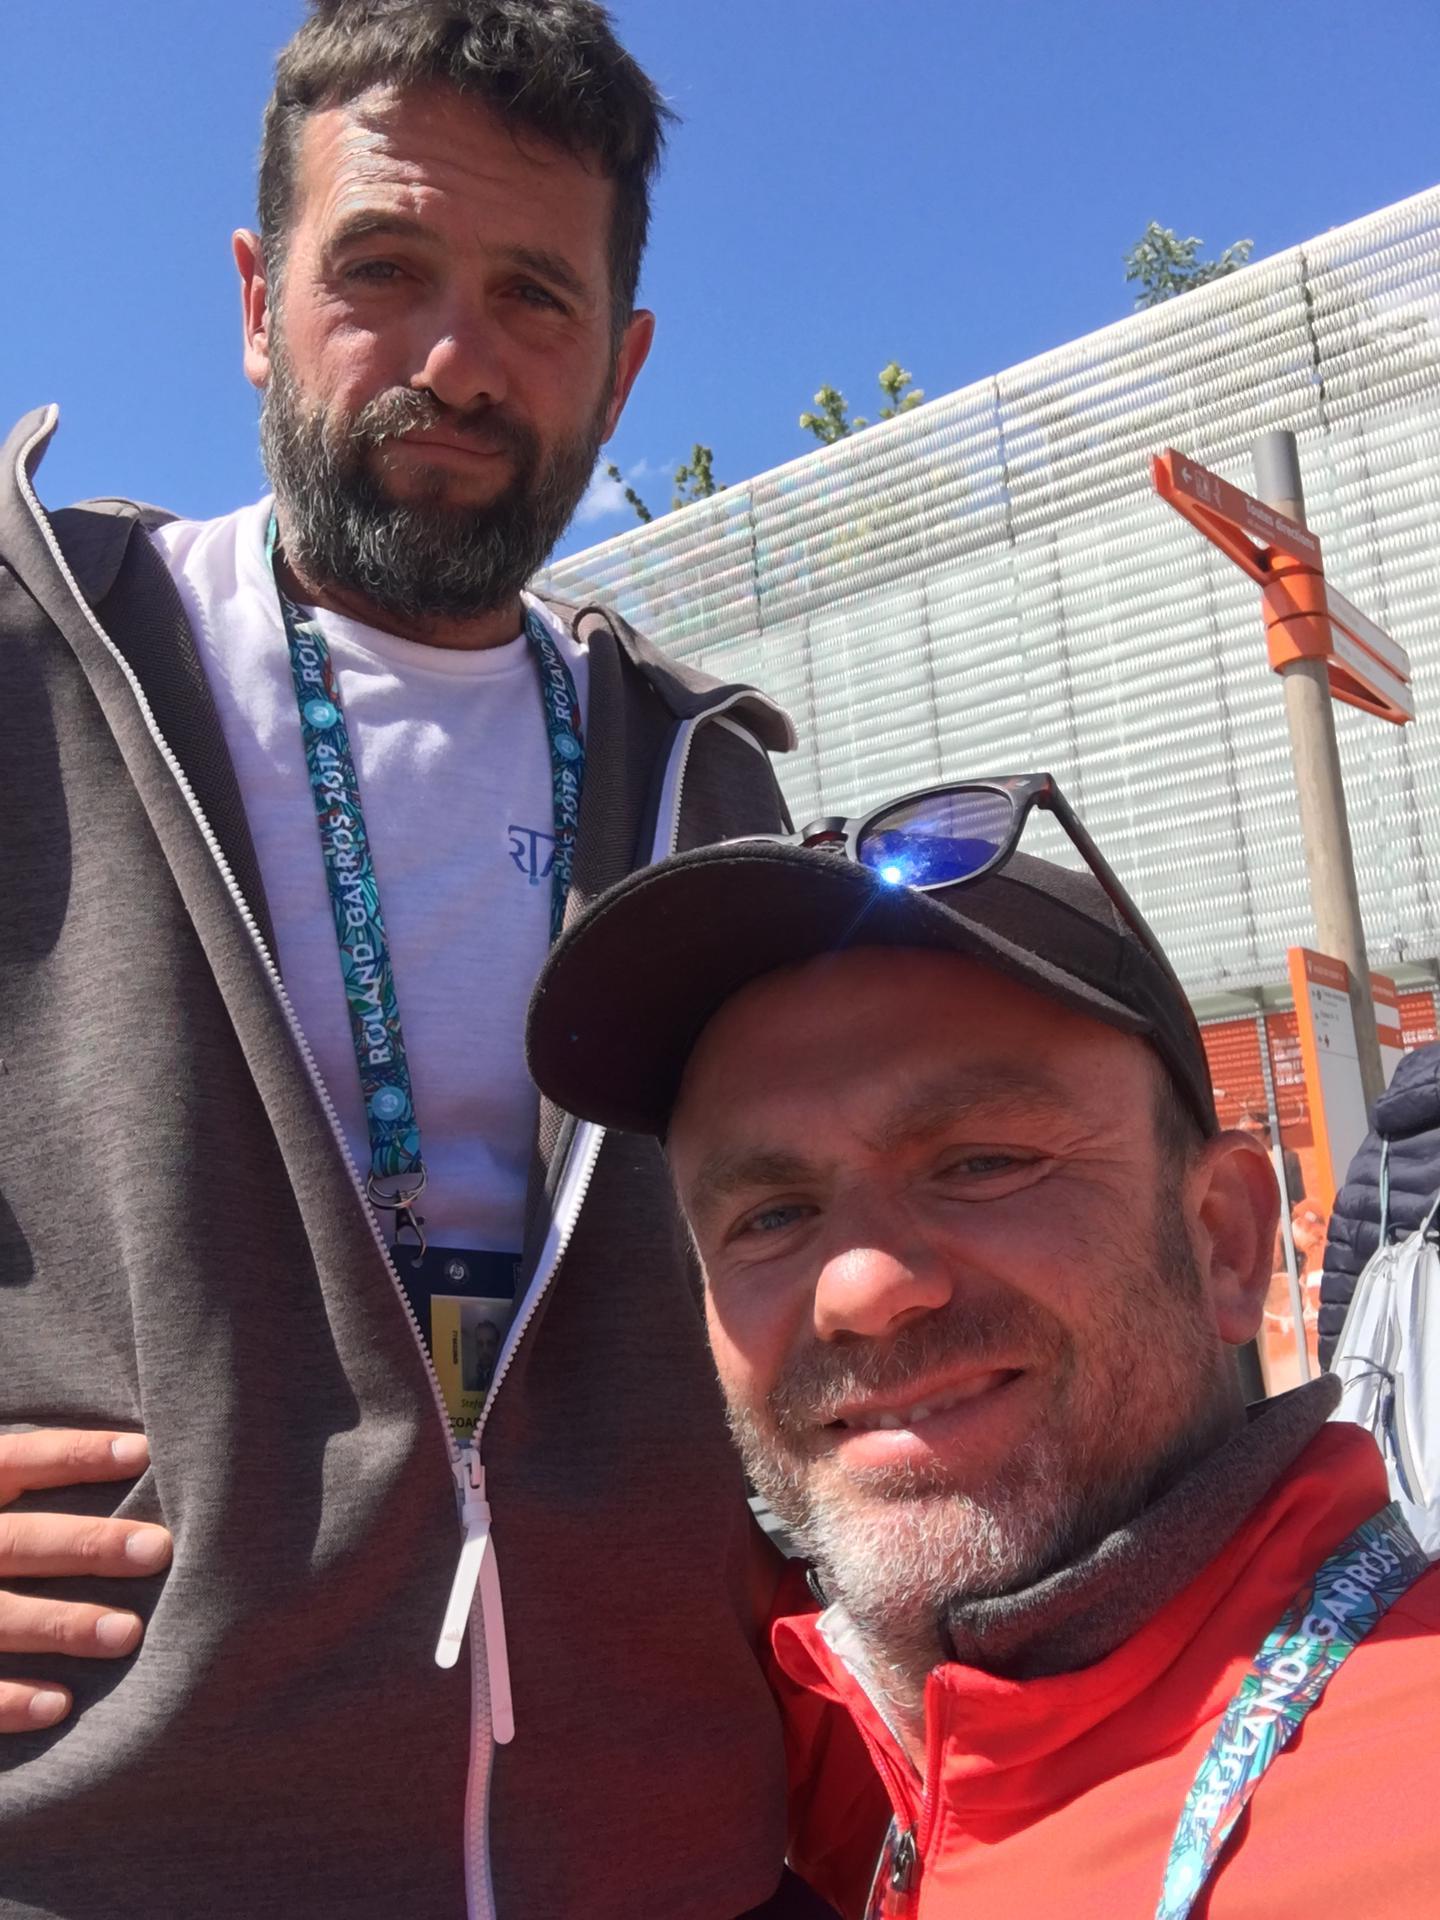 Mein Swisstennis Trainer P. Wallbank.